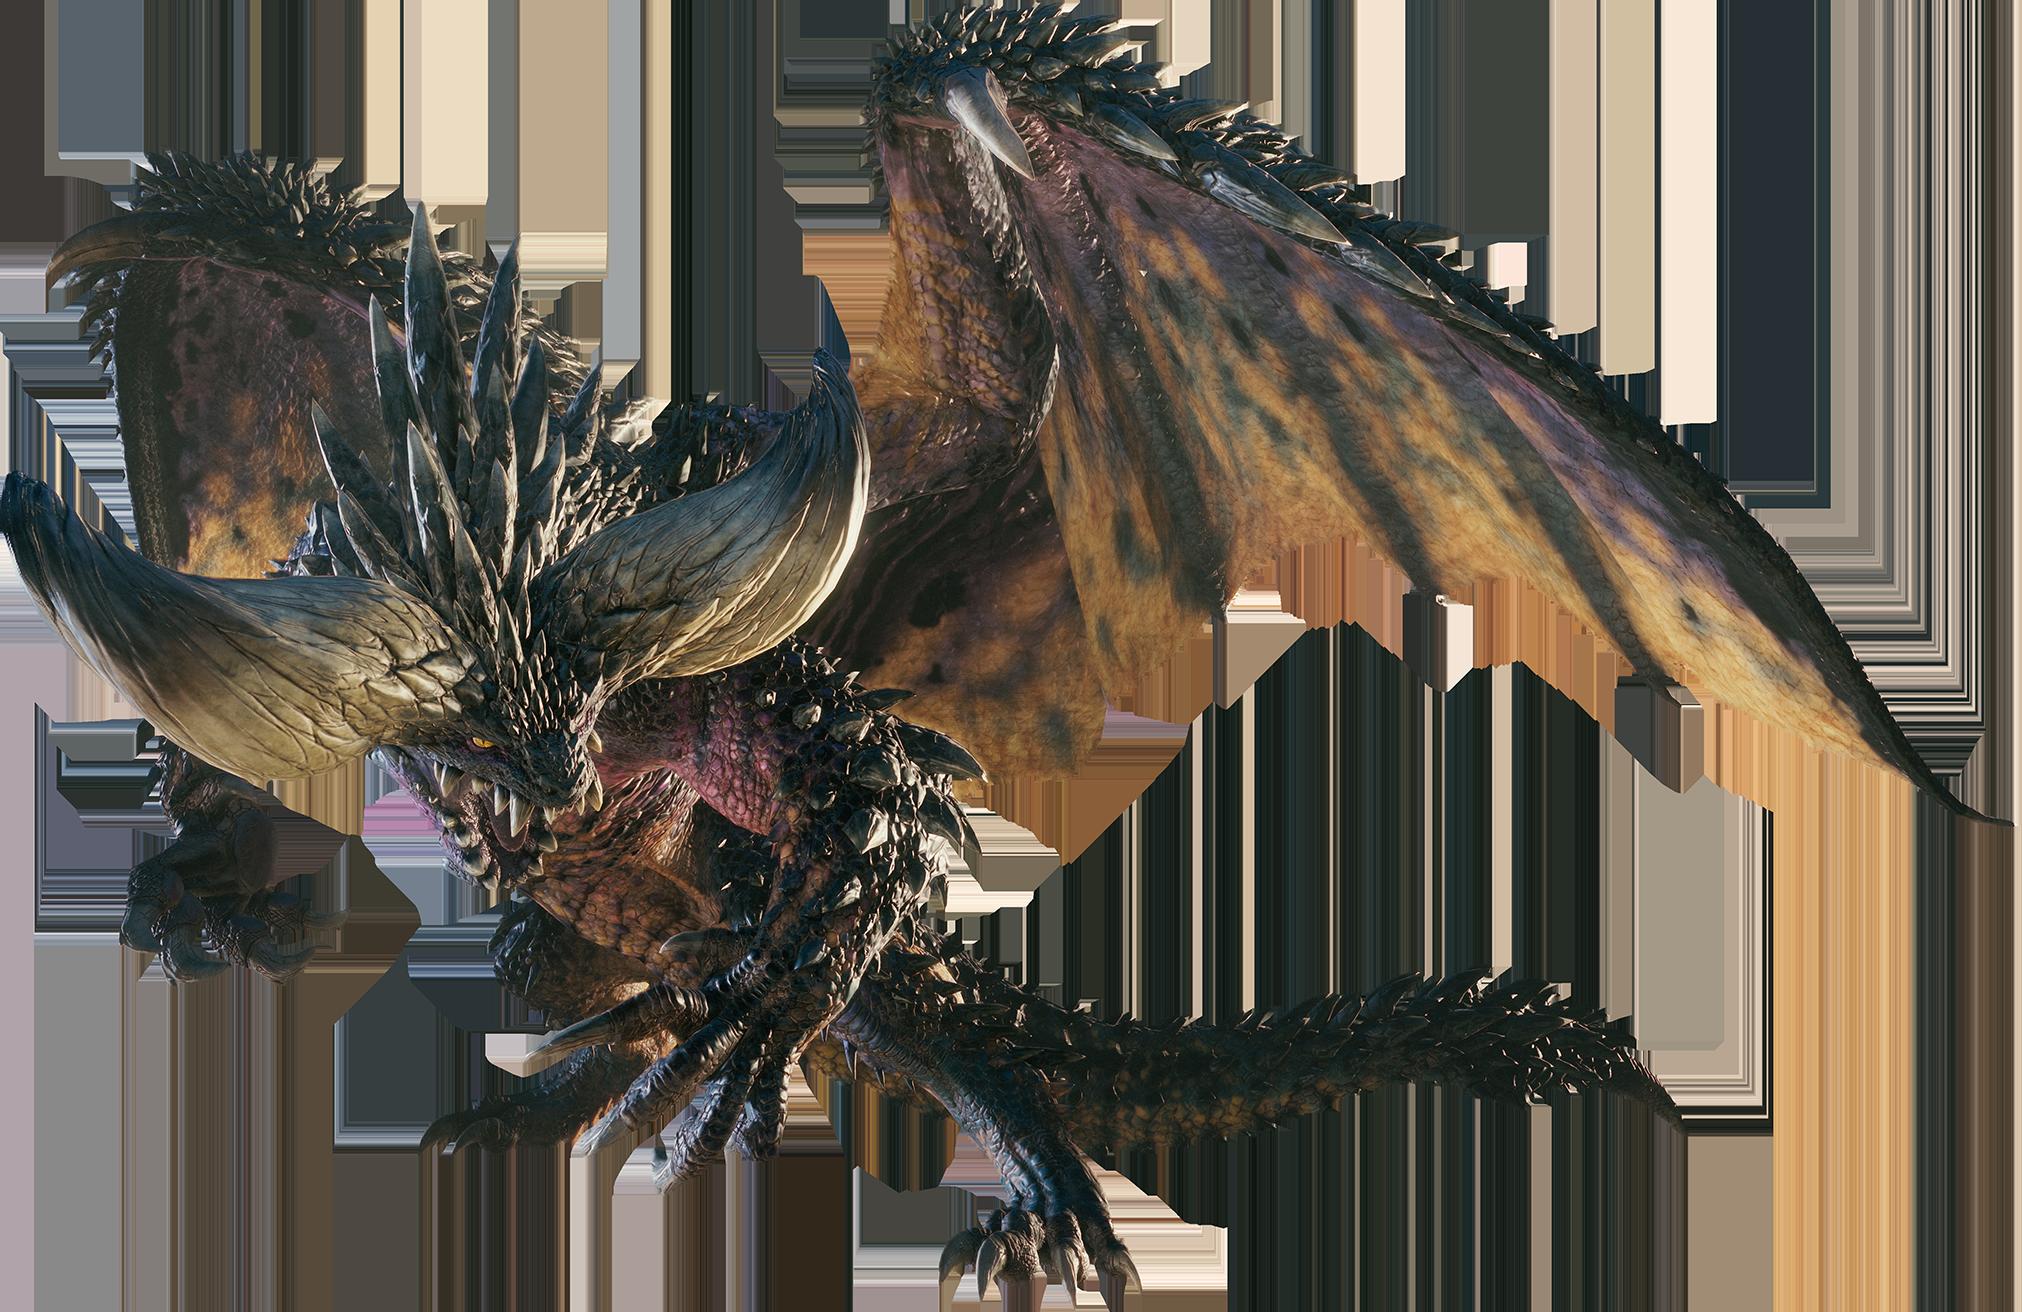 Mhw Nergigante Render 001 Png Monster Hunter Monster Hunter World Fantasy Monster